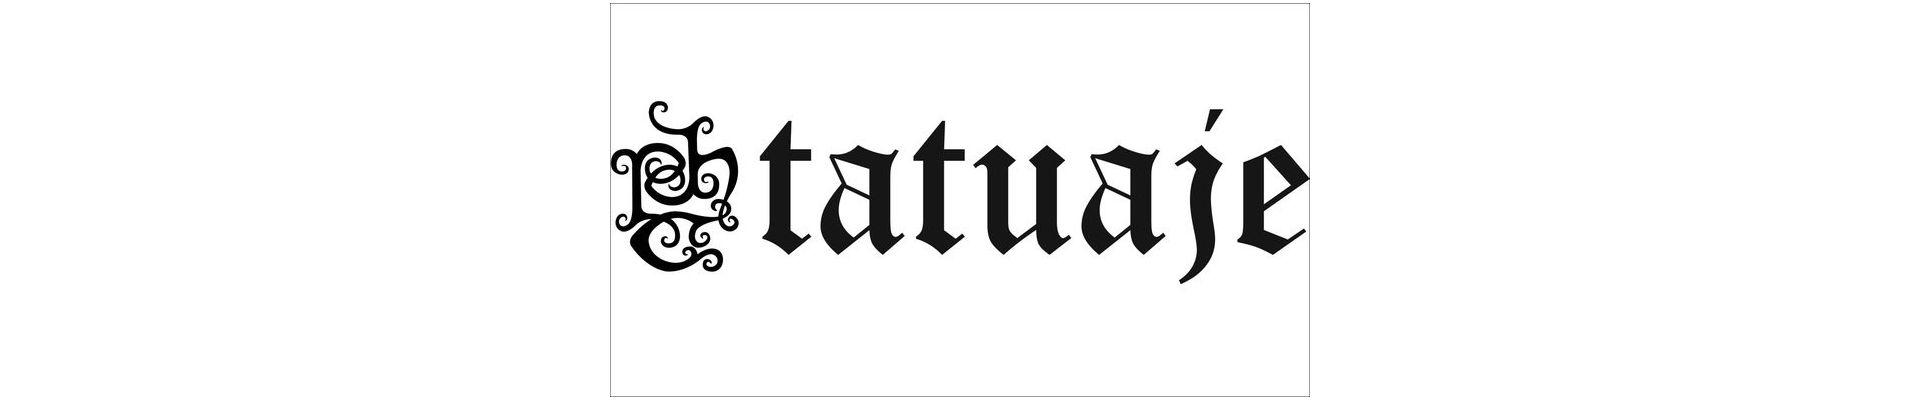 Trabucuri de vanzare Tatuaje L Atelier cu livrare din stoc.Trabucuri